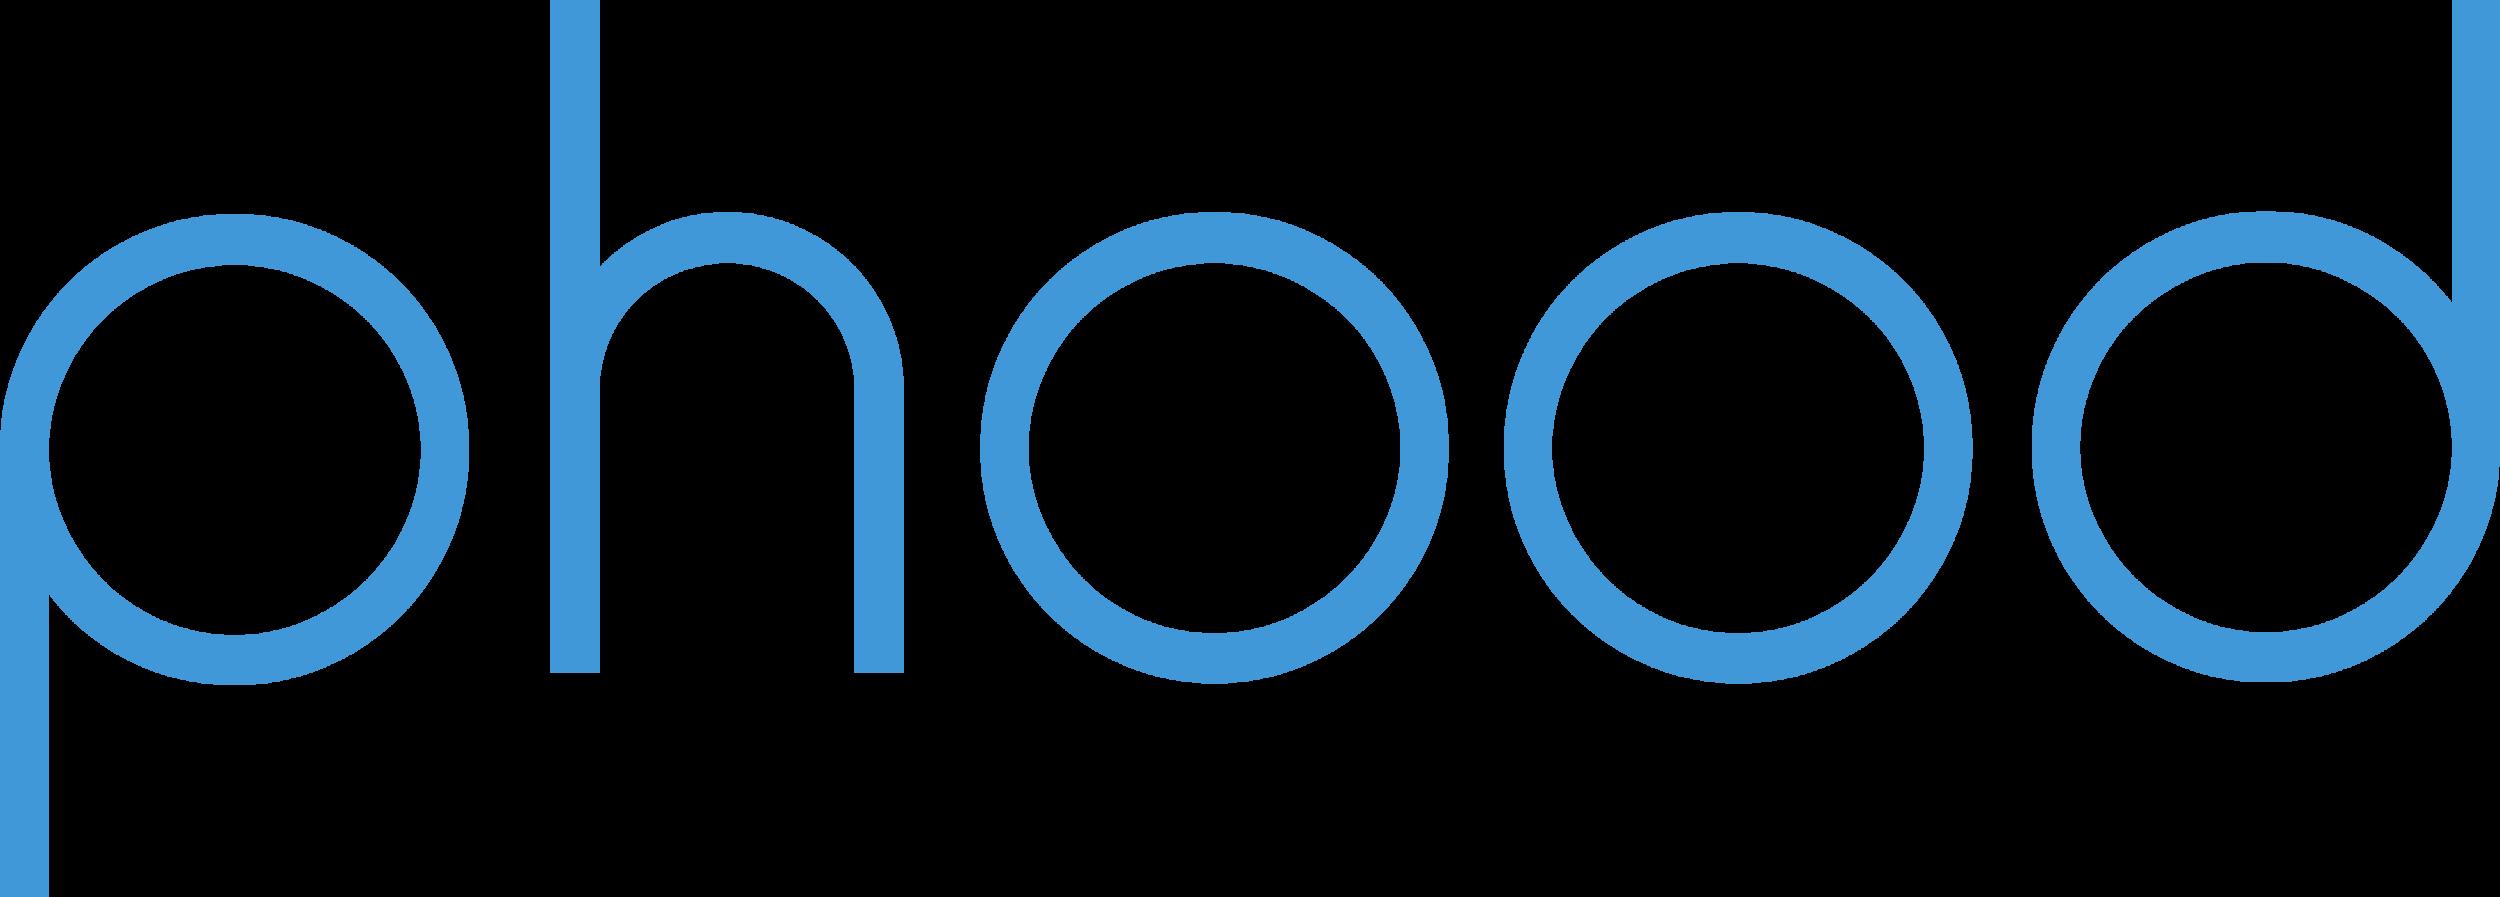 Phood_LogoSet_Horizontal_0002_phood-blue.png